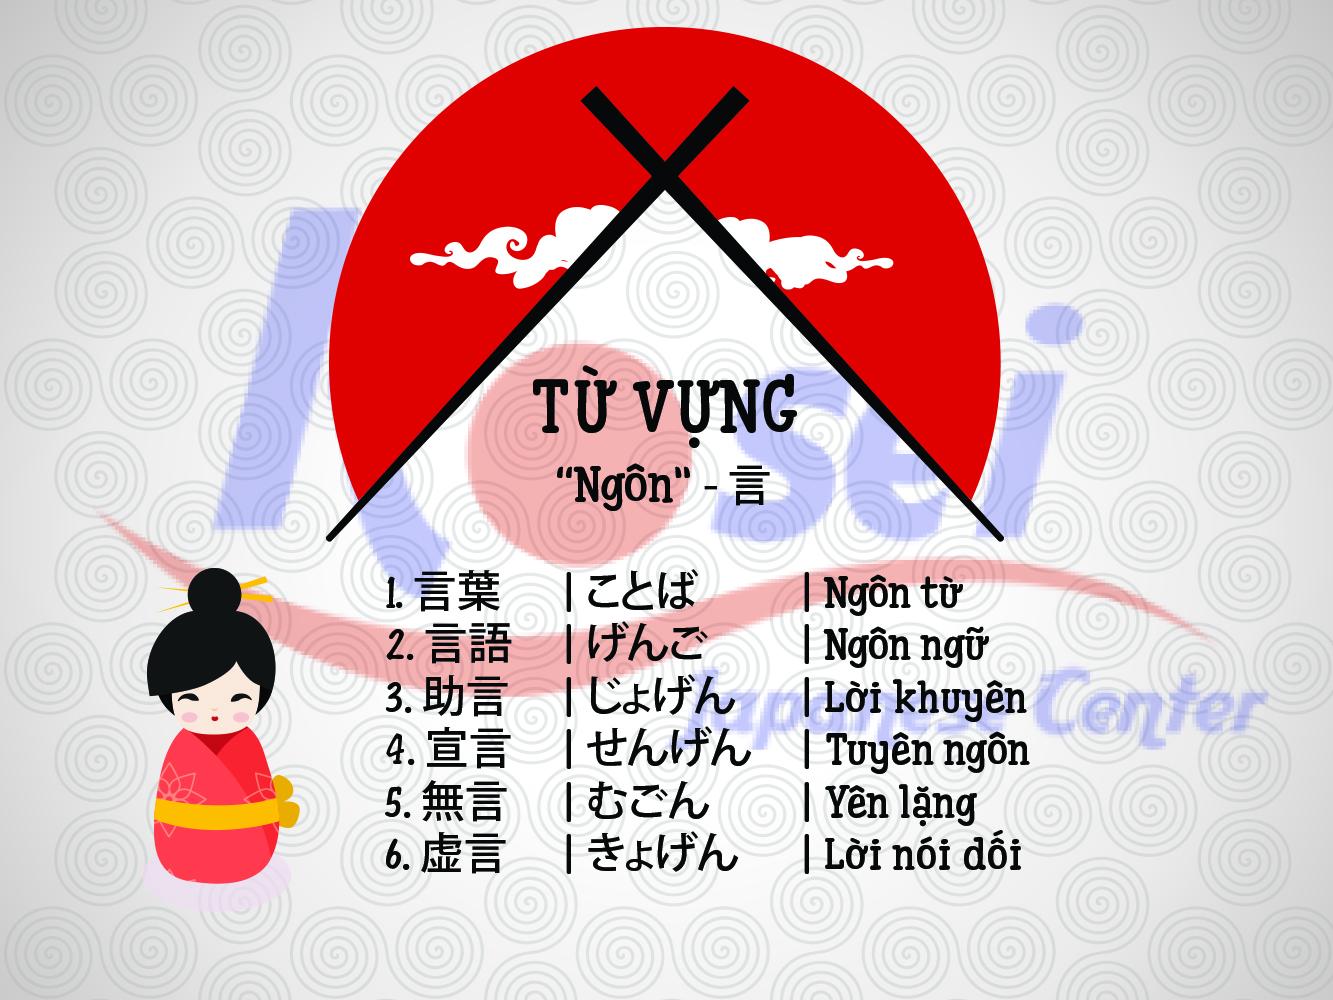 từ vựng kanji liên quan đến ngôn 言